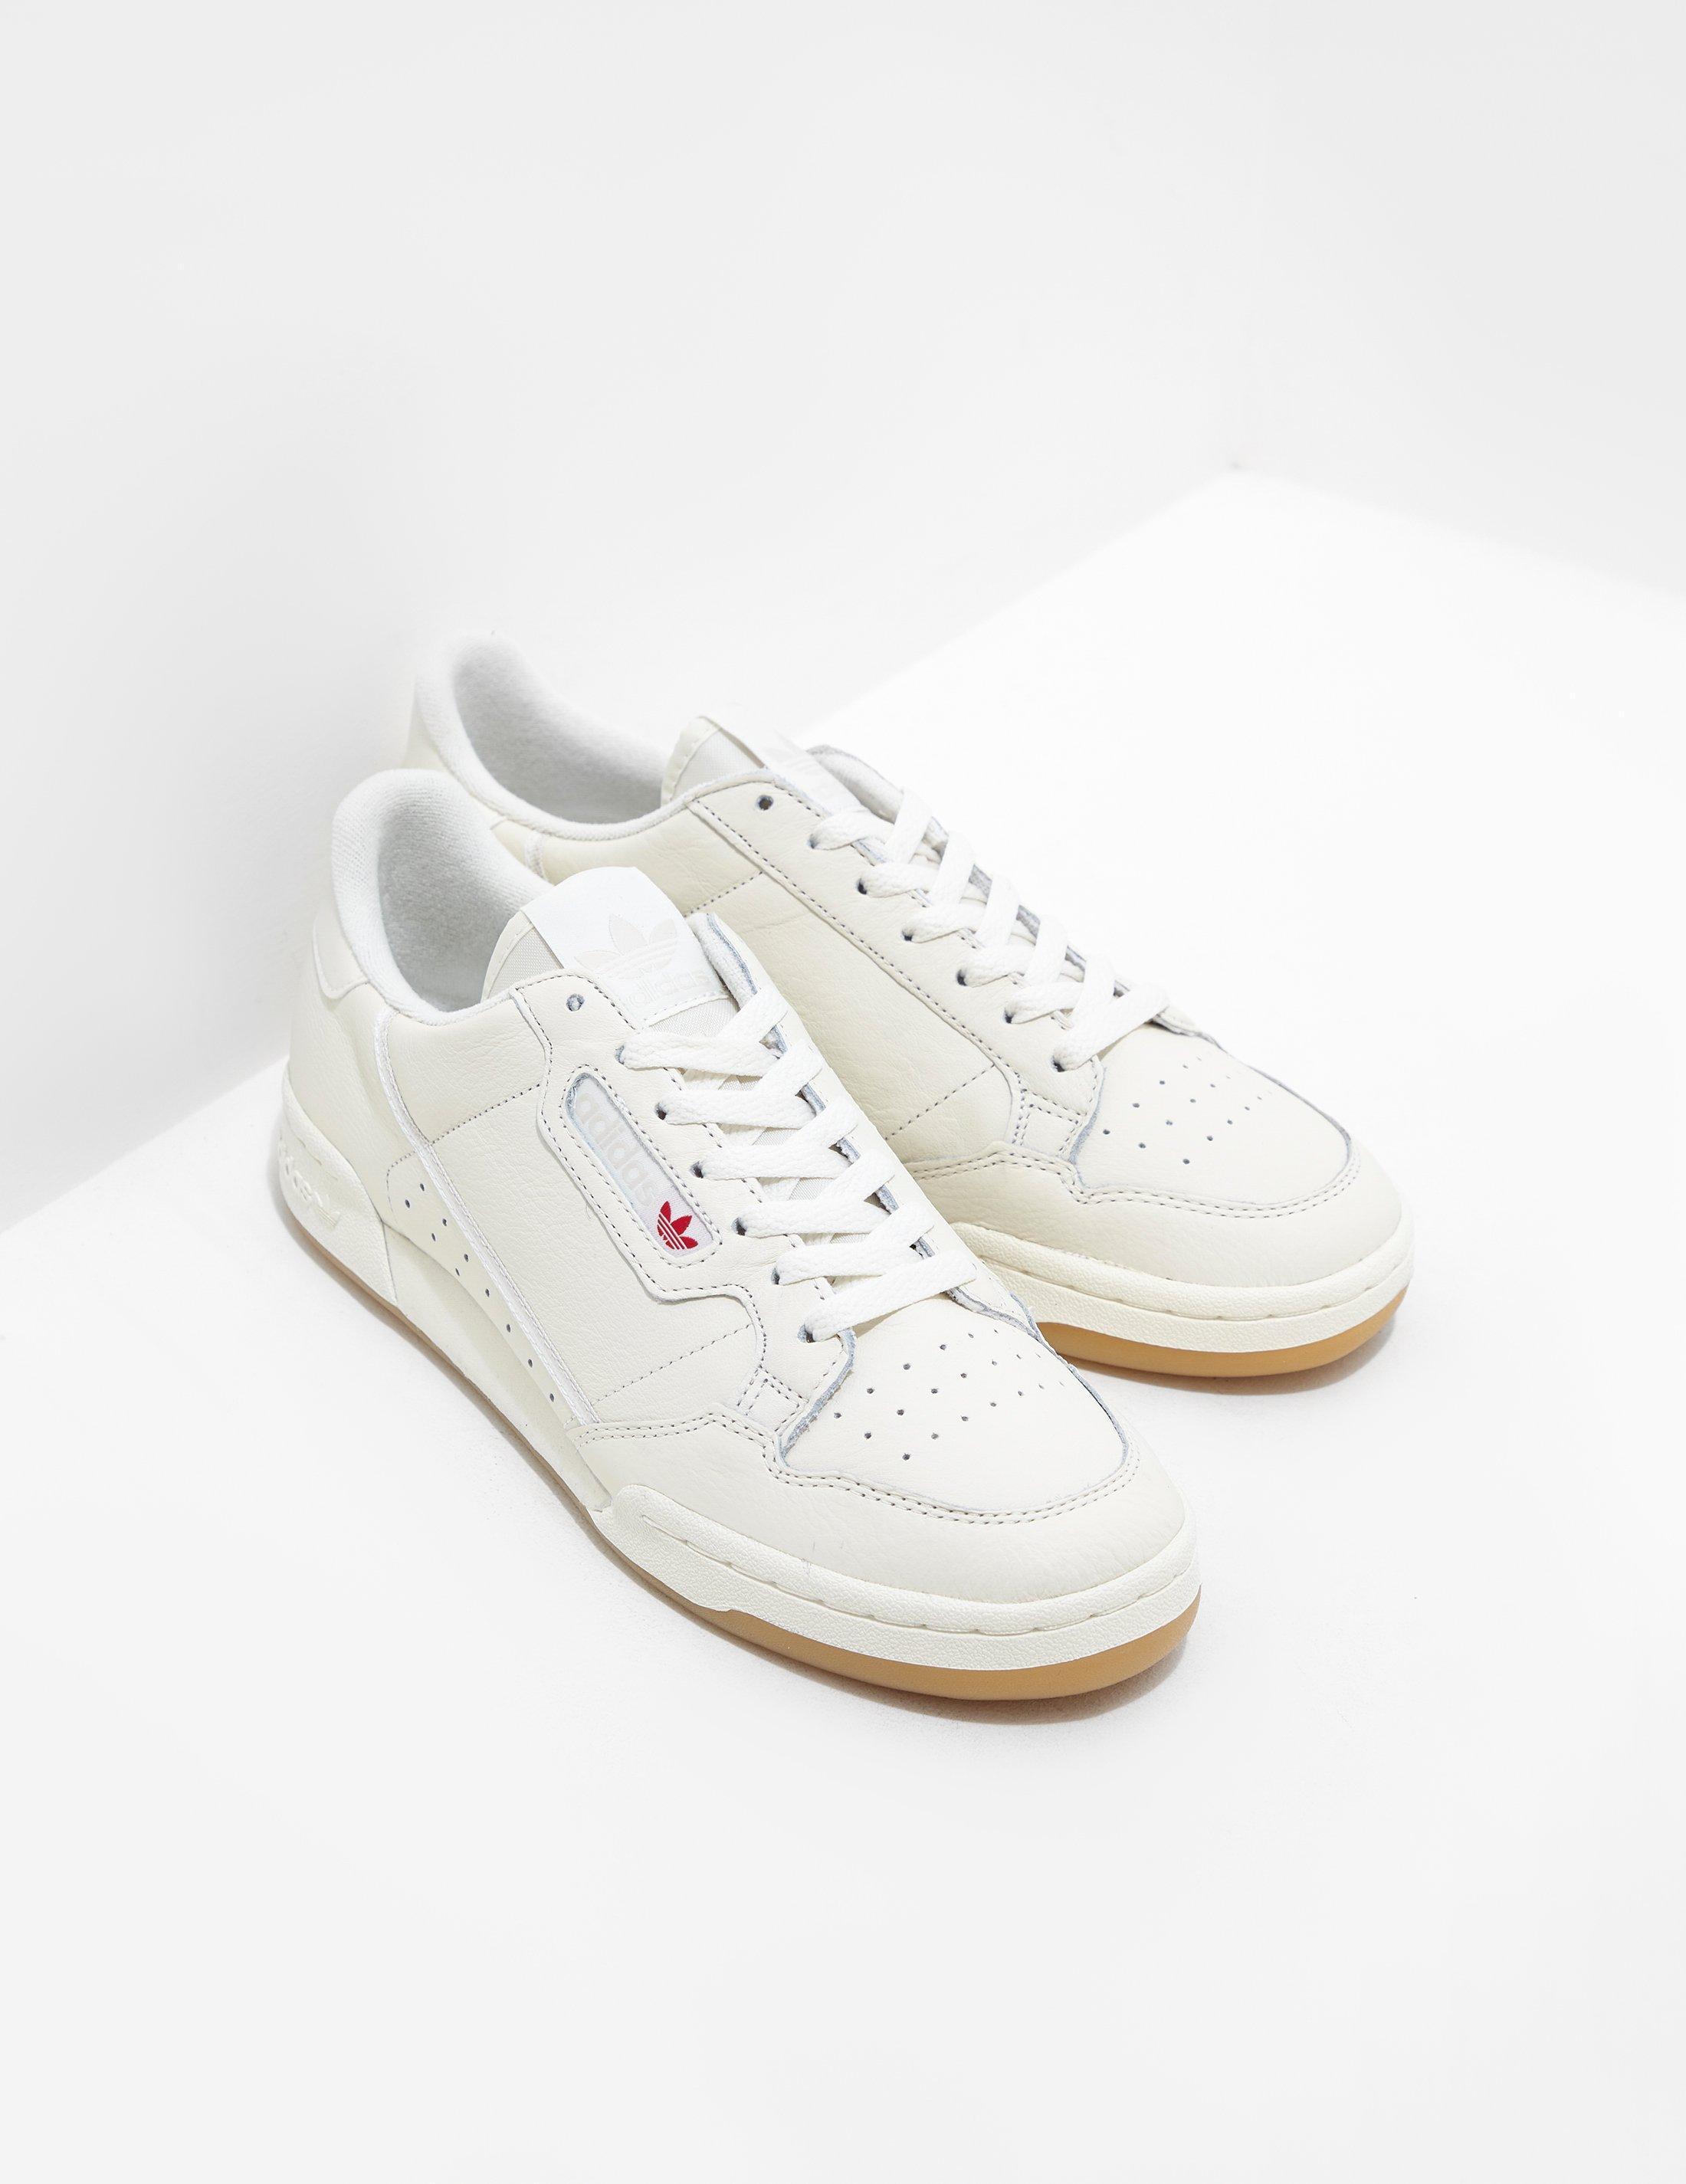 Lyst - adidas Originals Continental 80 Cream for Men 3d3e52b2d